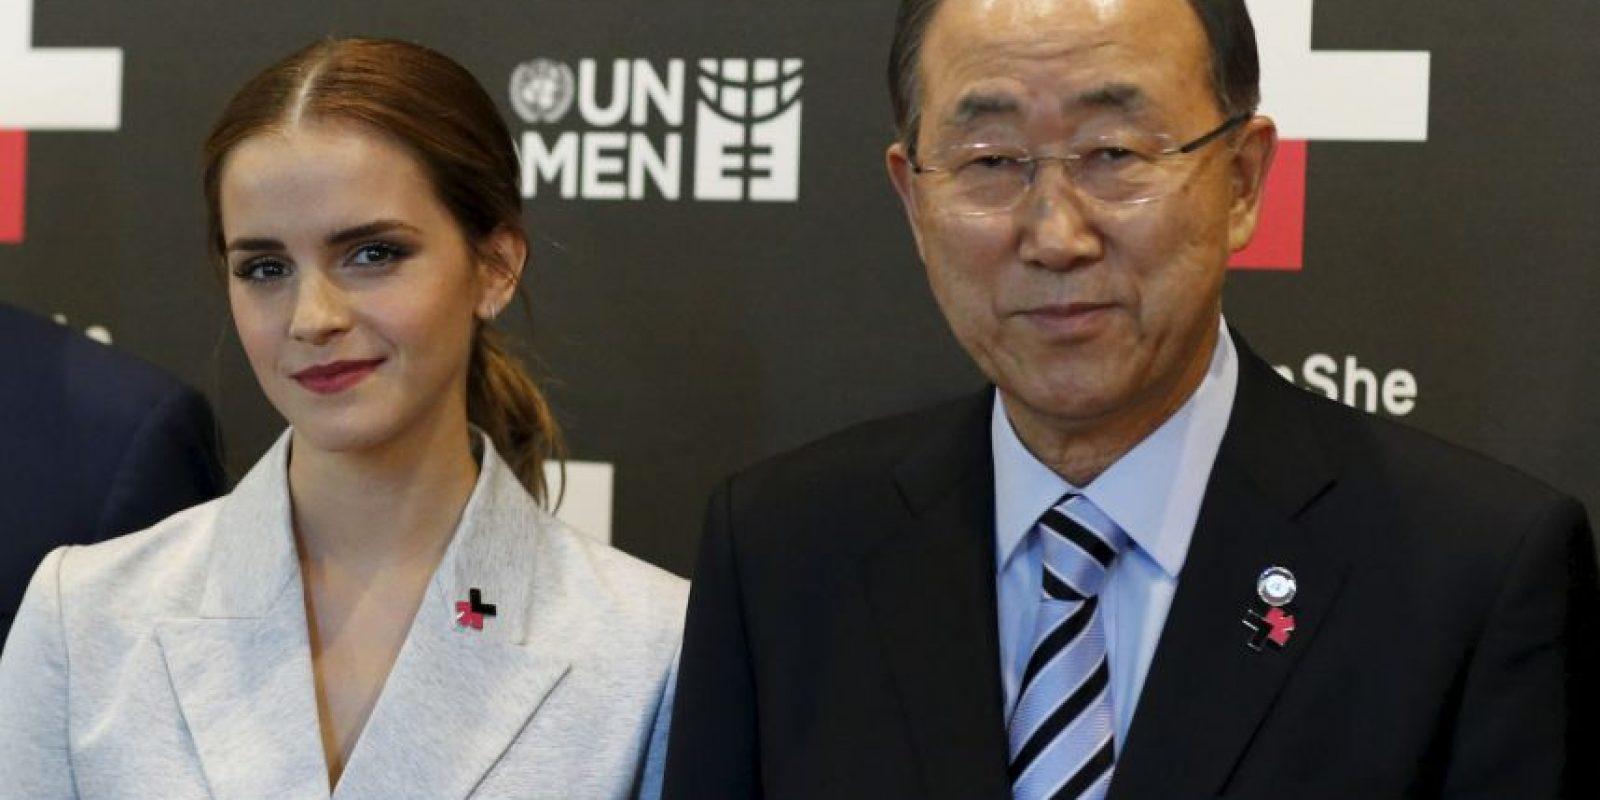 5. Esta ha dado discursos a favor de la igualdad de género. Foto:Getty Images